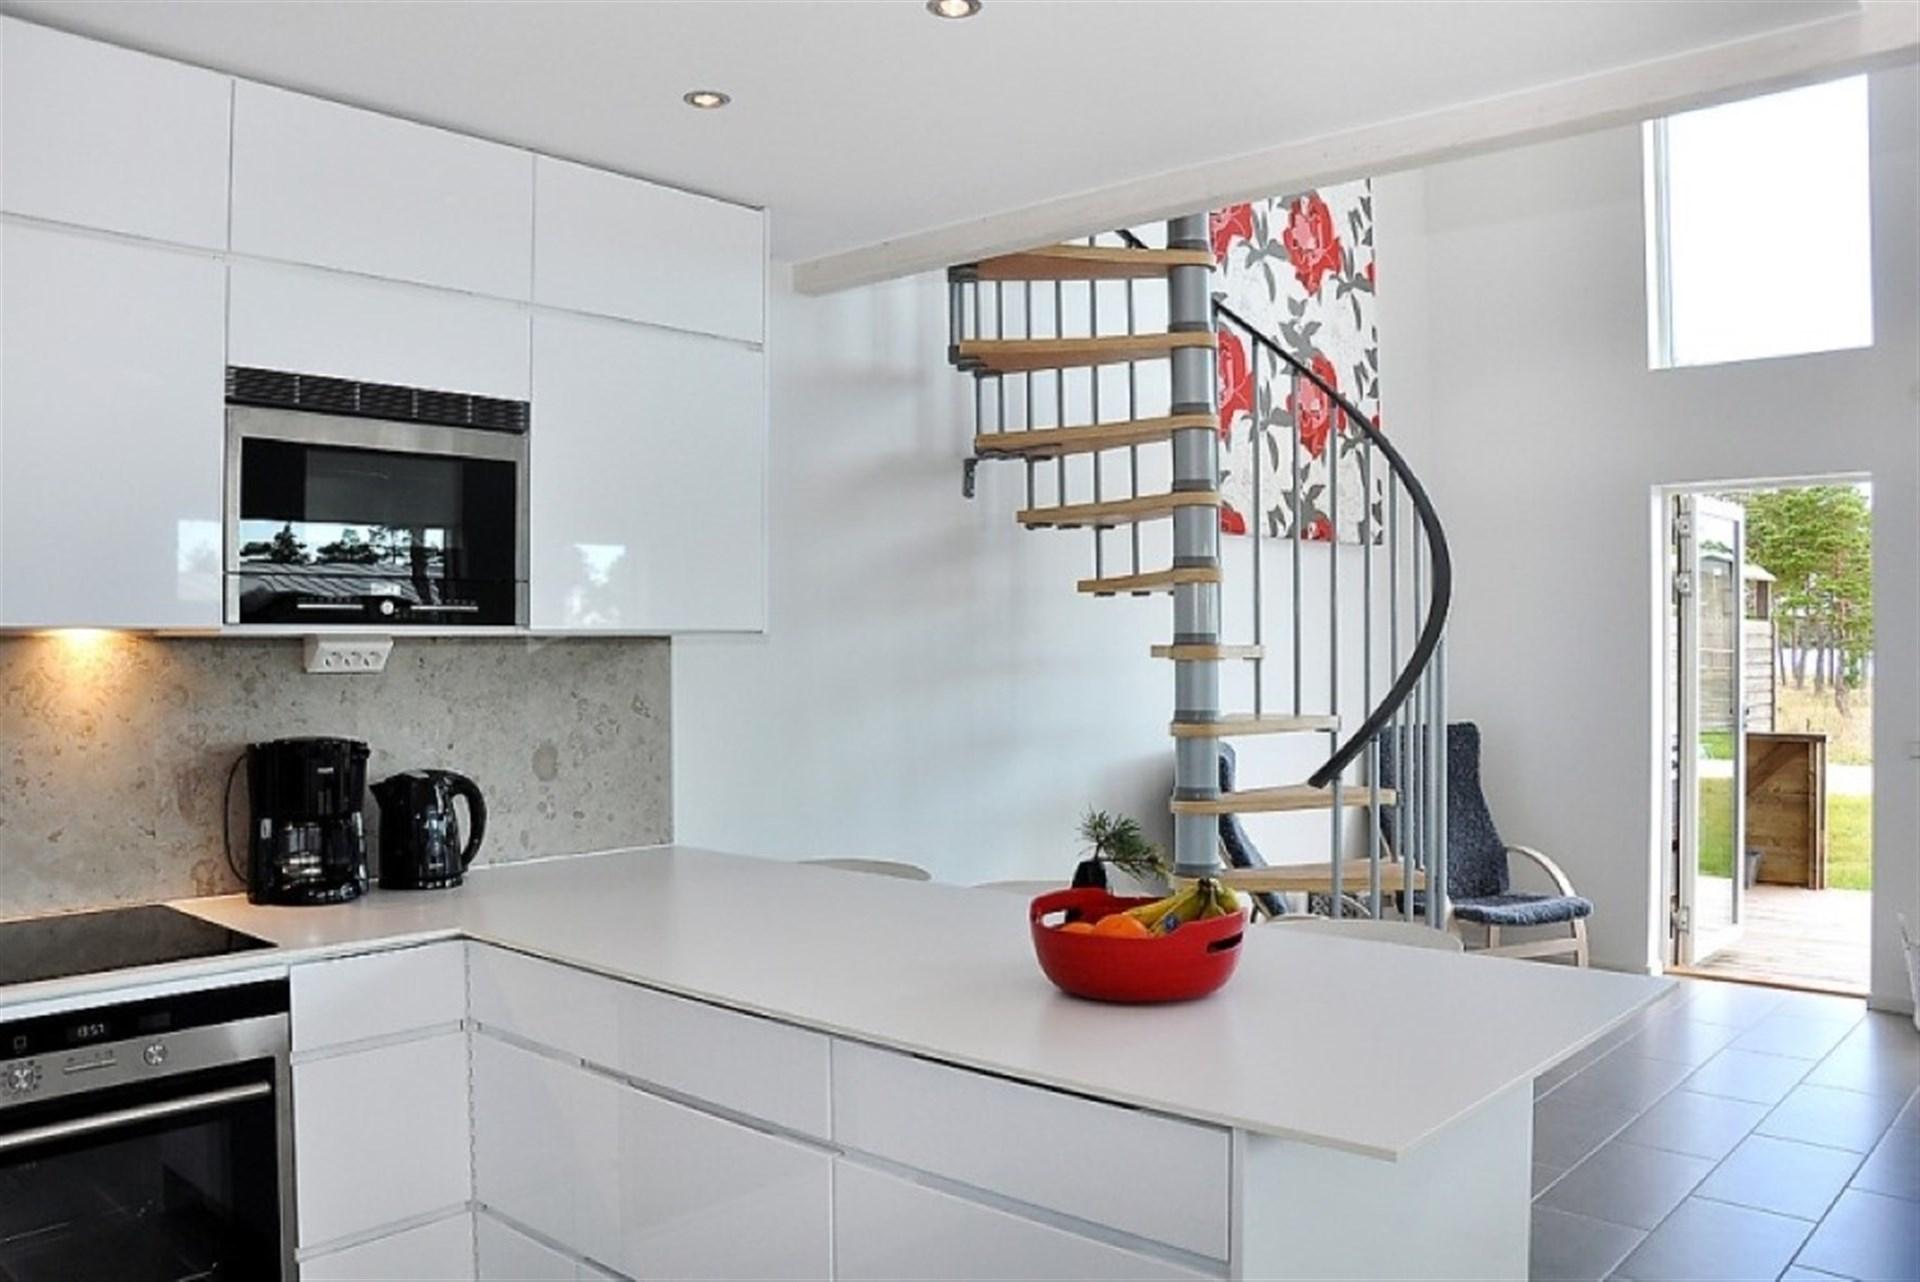 Kök med utgång till uteplats och trappa upp till övervåning